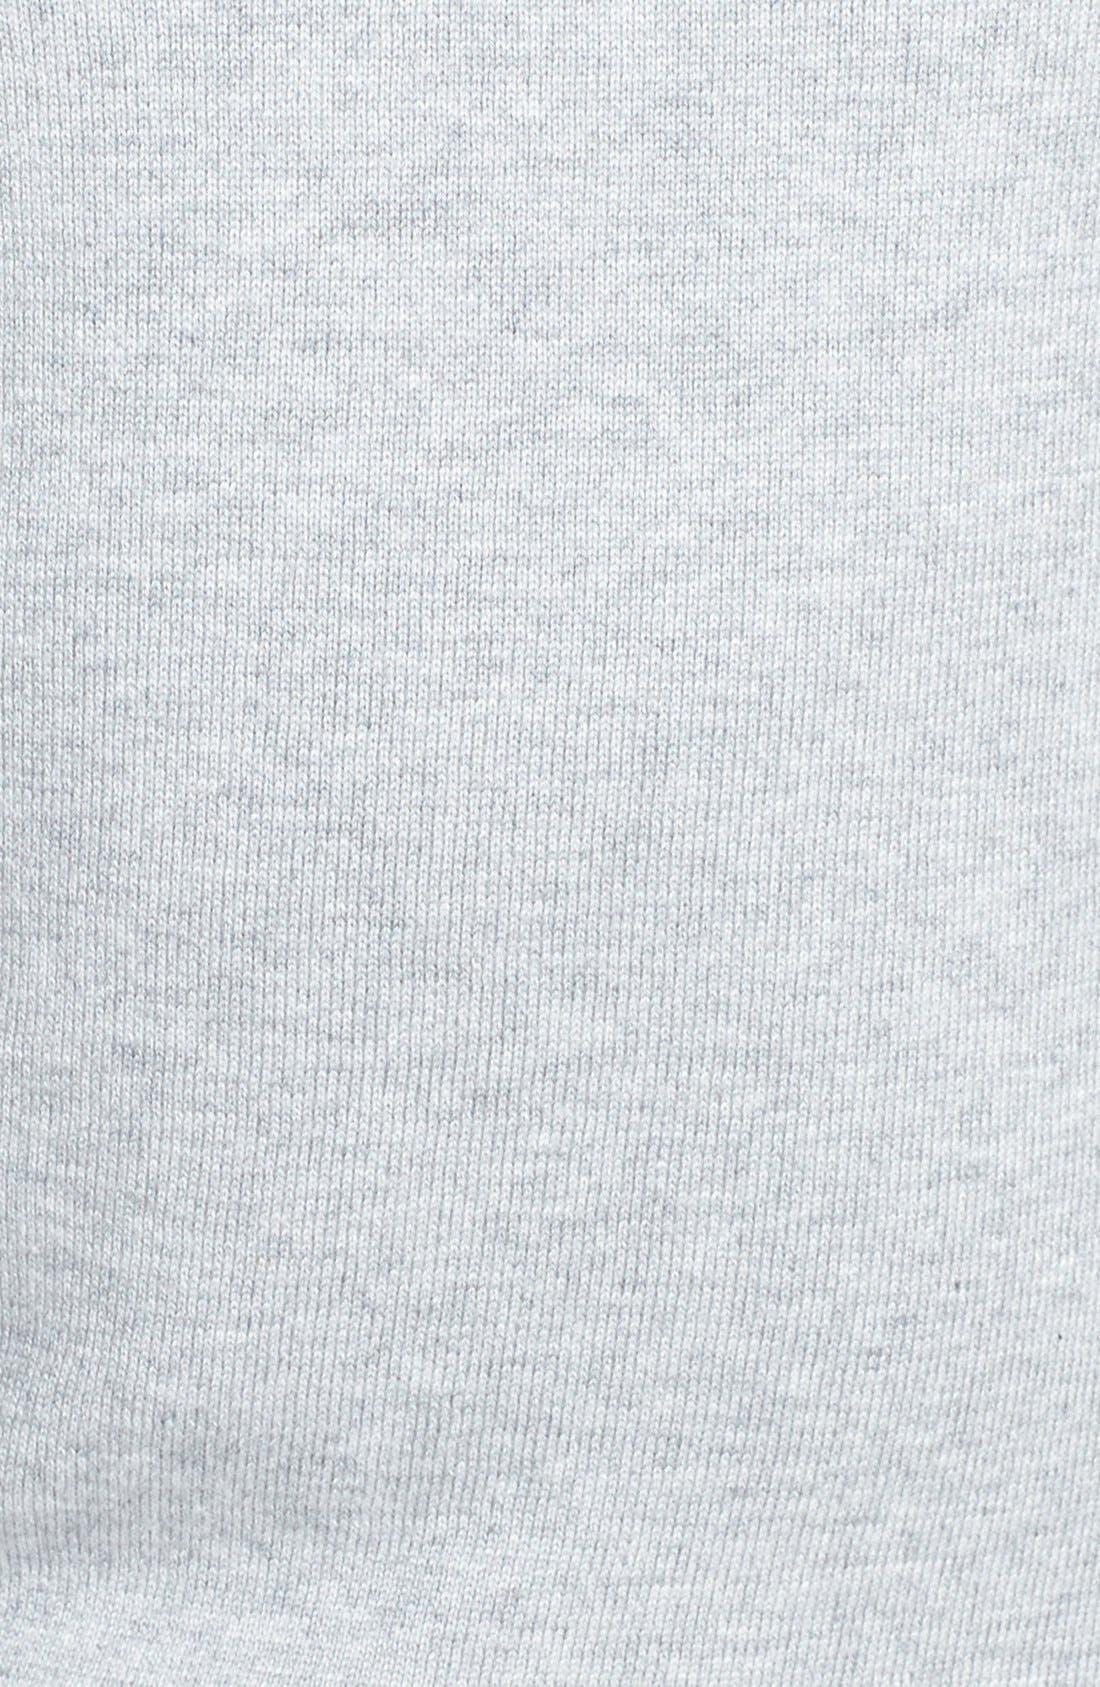 Alternate Image 3  - Halogen® 'Bien' Shoulder Zip Intarsia Sweater (Regular & Petite)